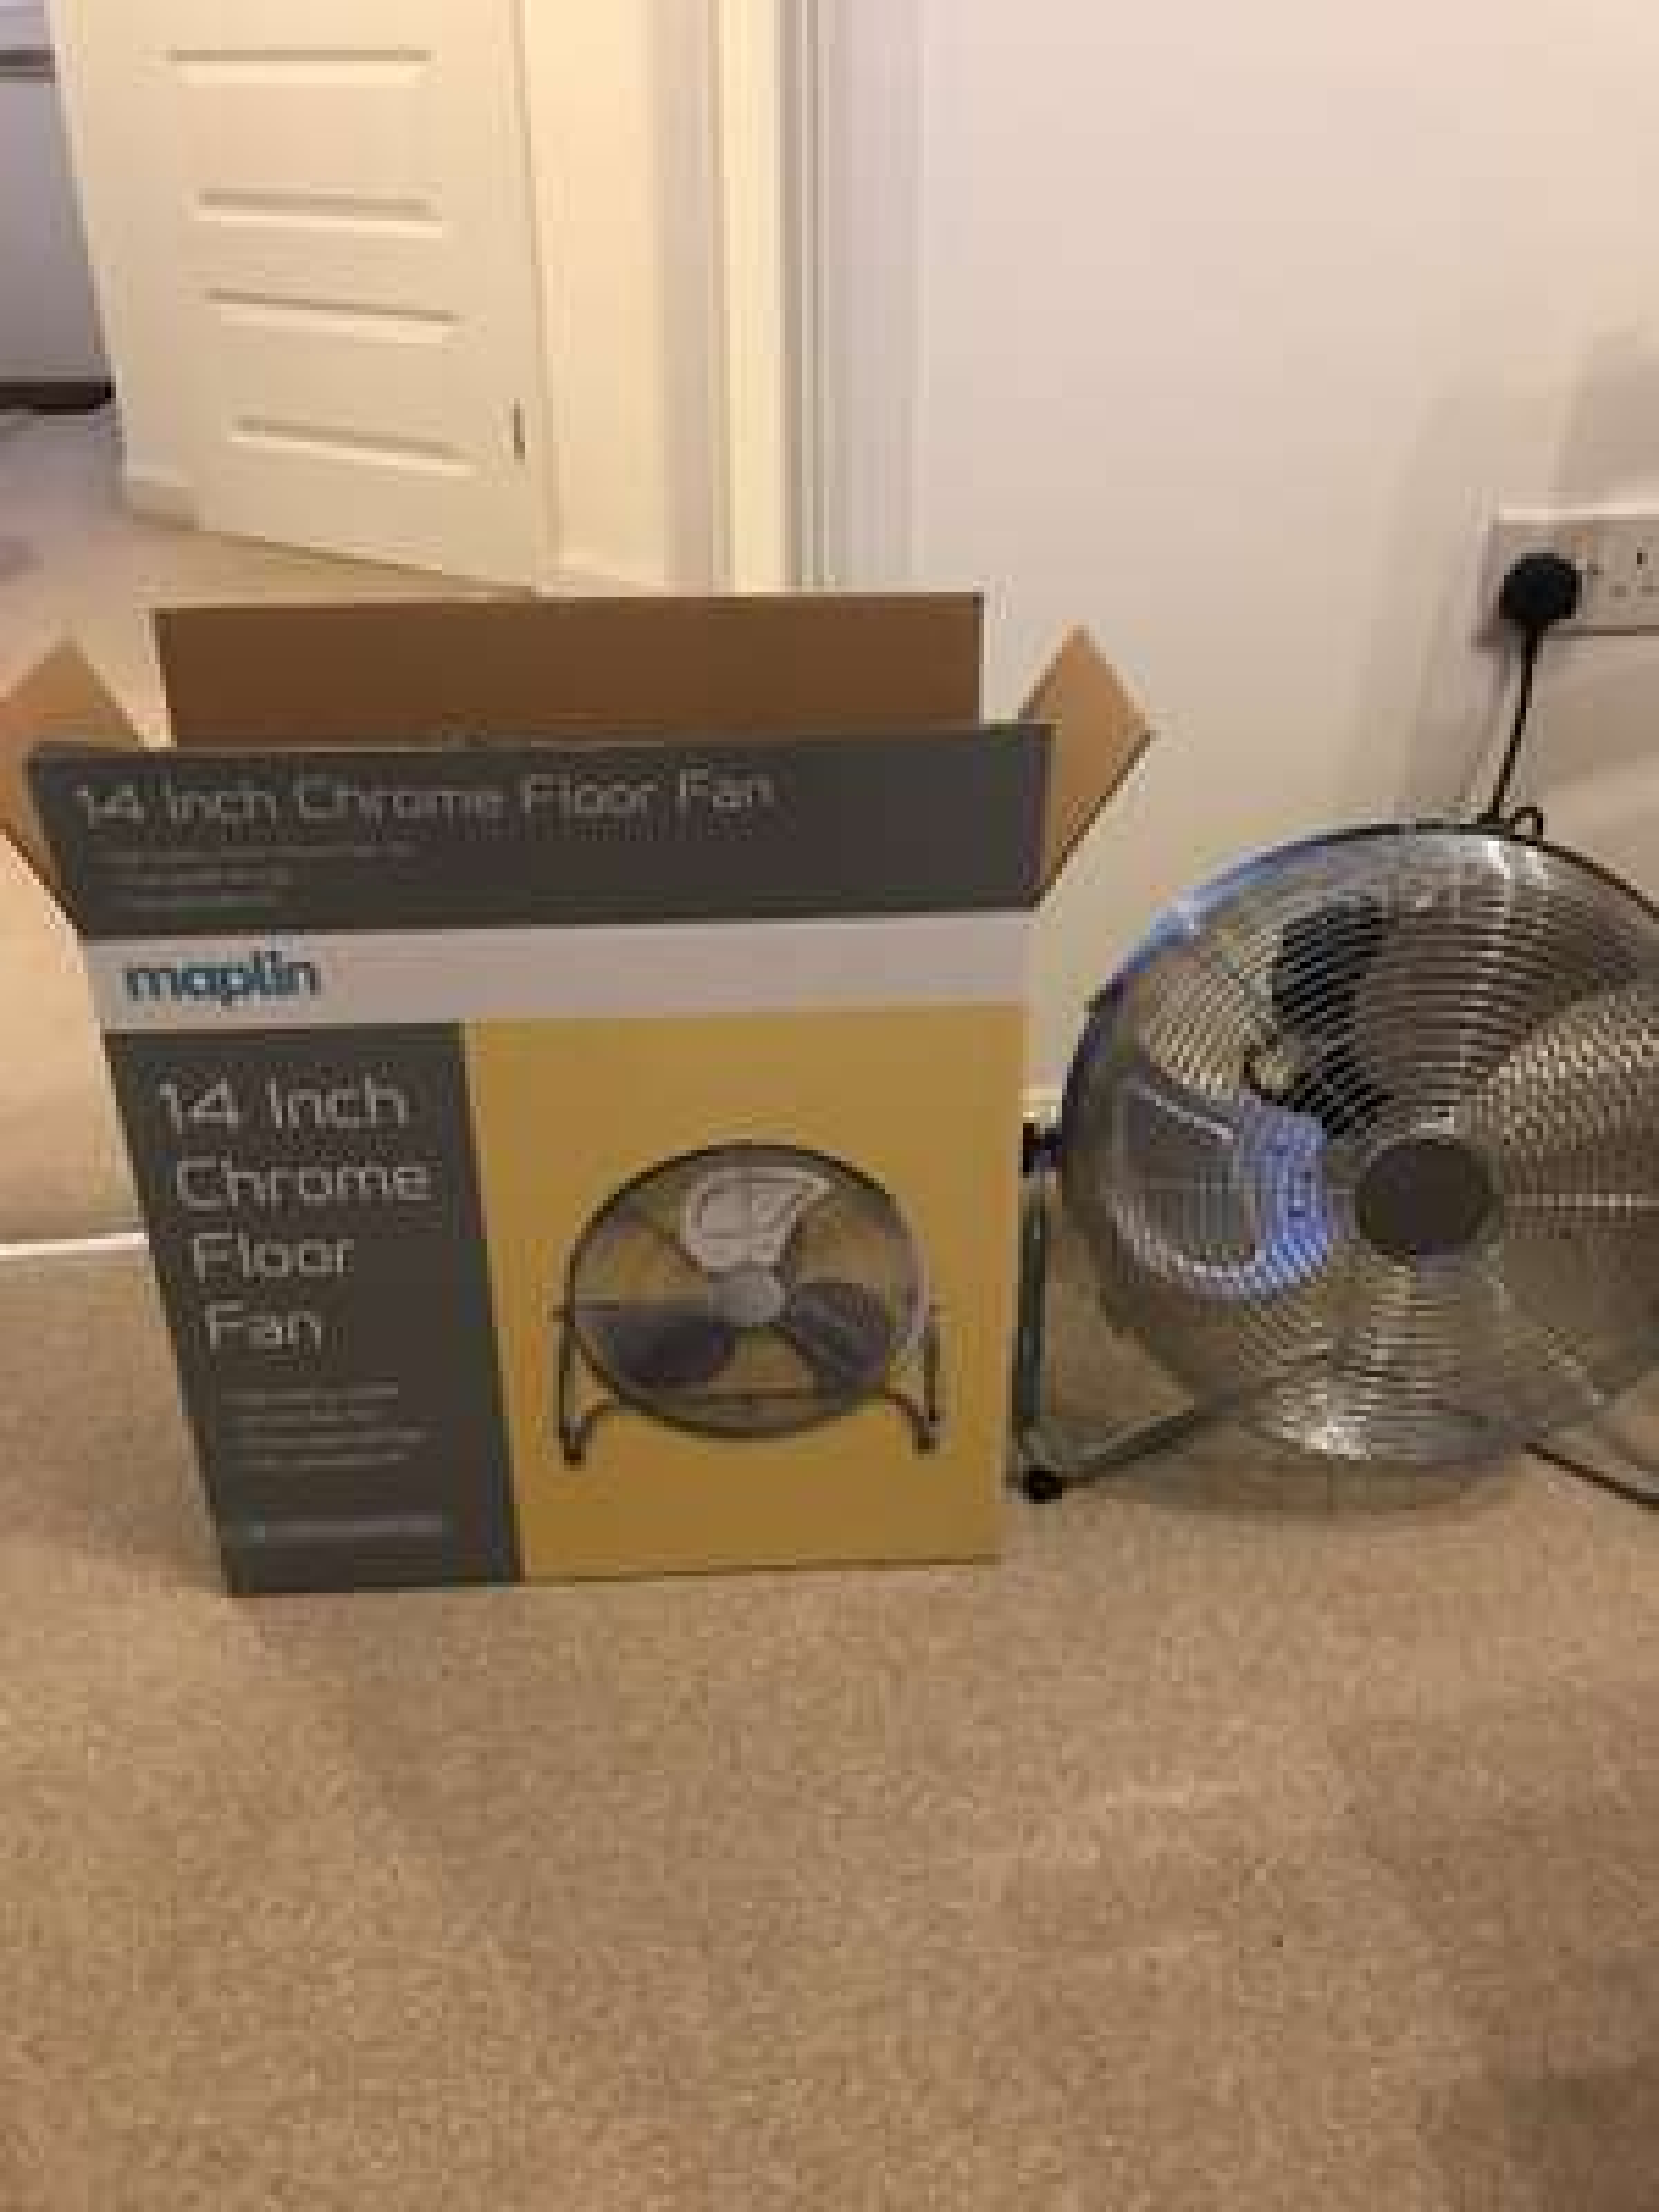 14 Inch Chrome Floor Fan £15.74 @ Maplin